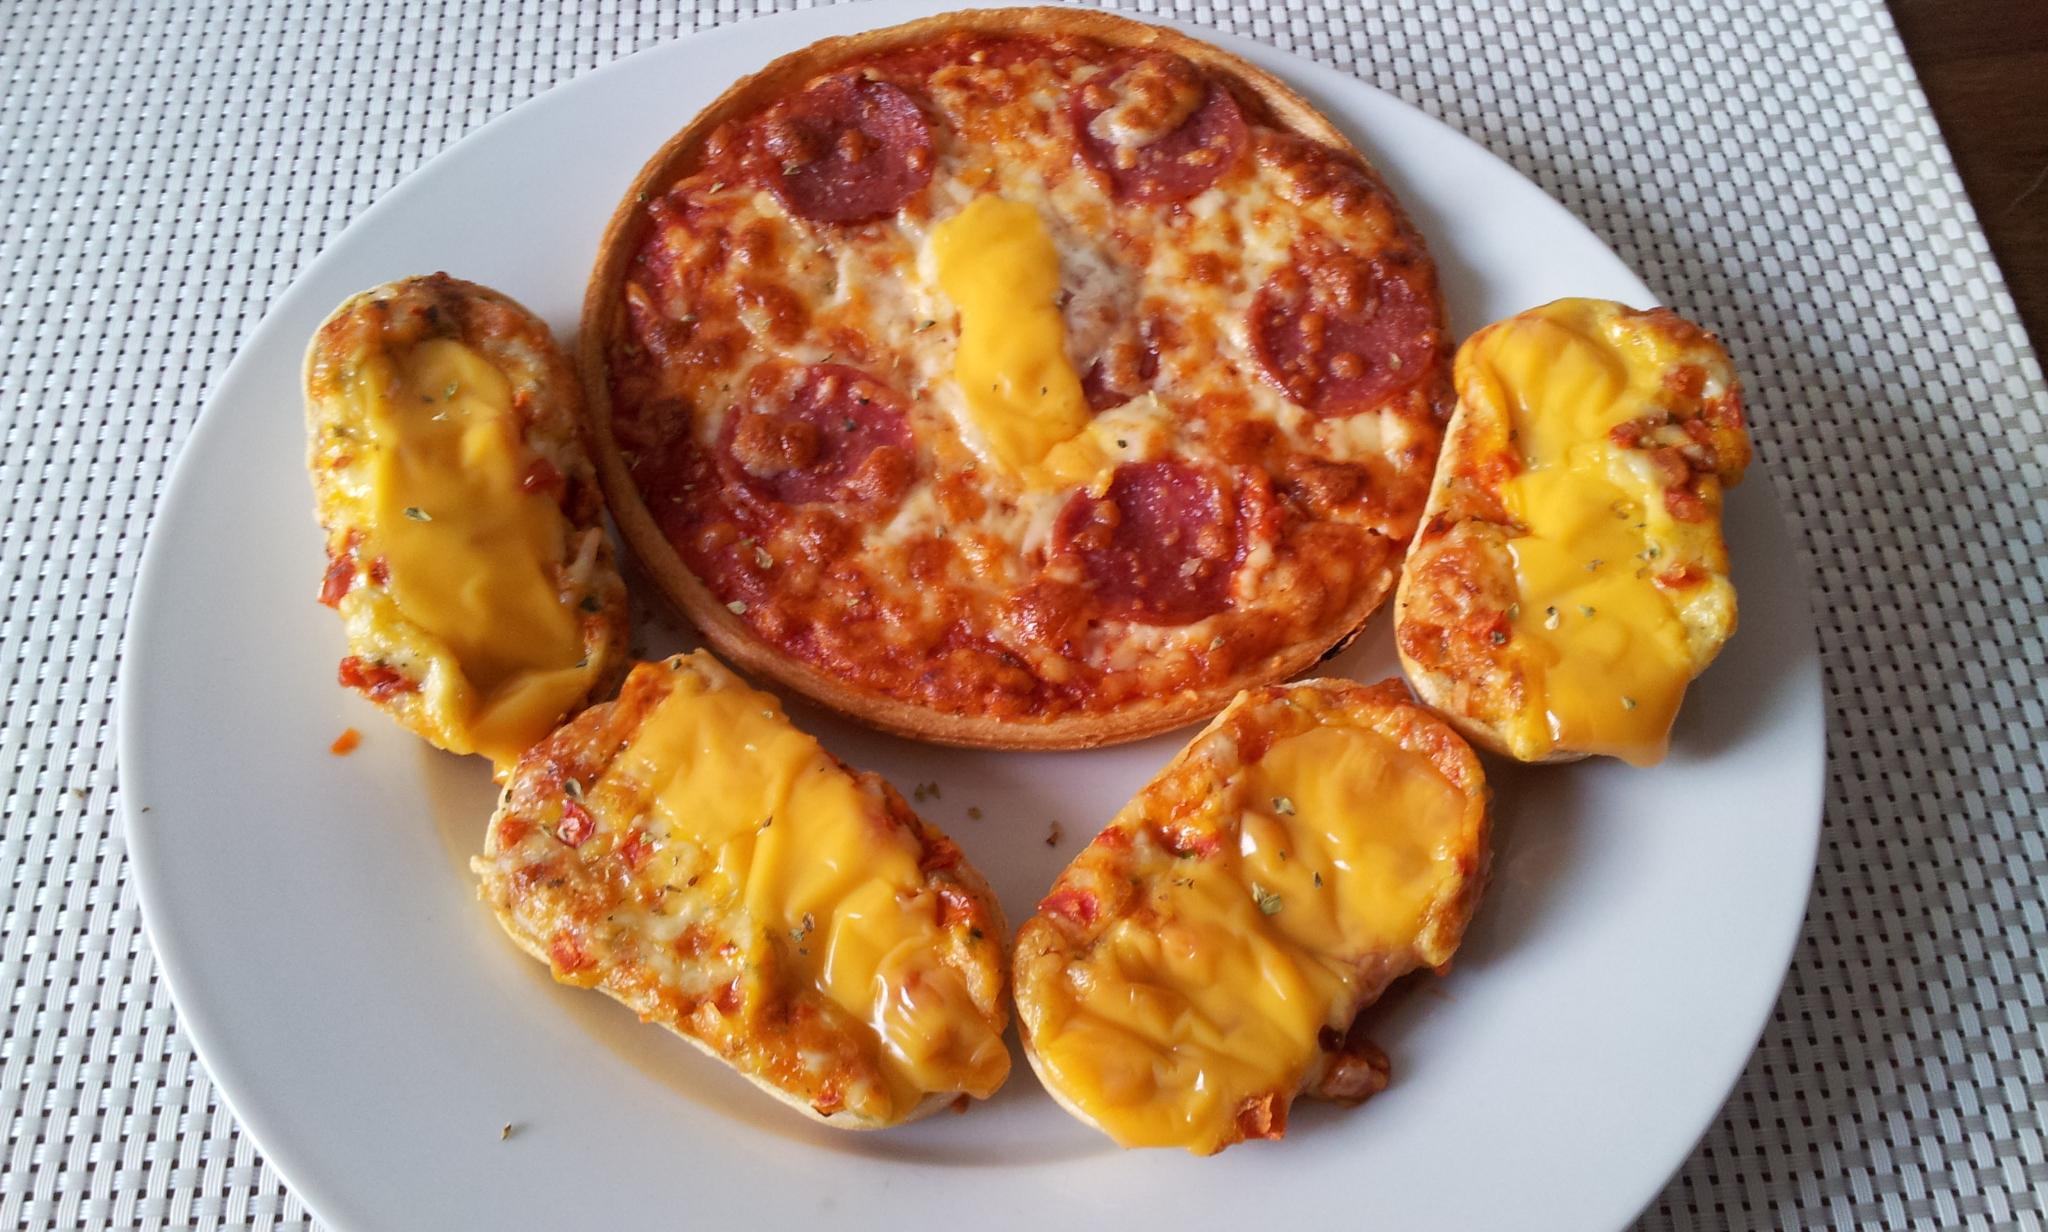 http://foodloader.net/Holz_2014-07-01_Mini-Bistro-Baguettes_und_Pizza.jpg